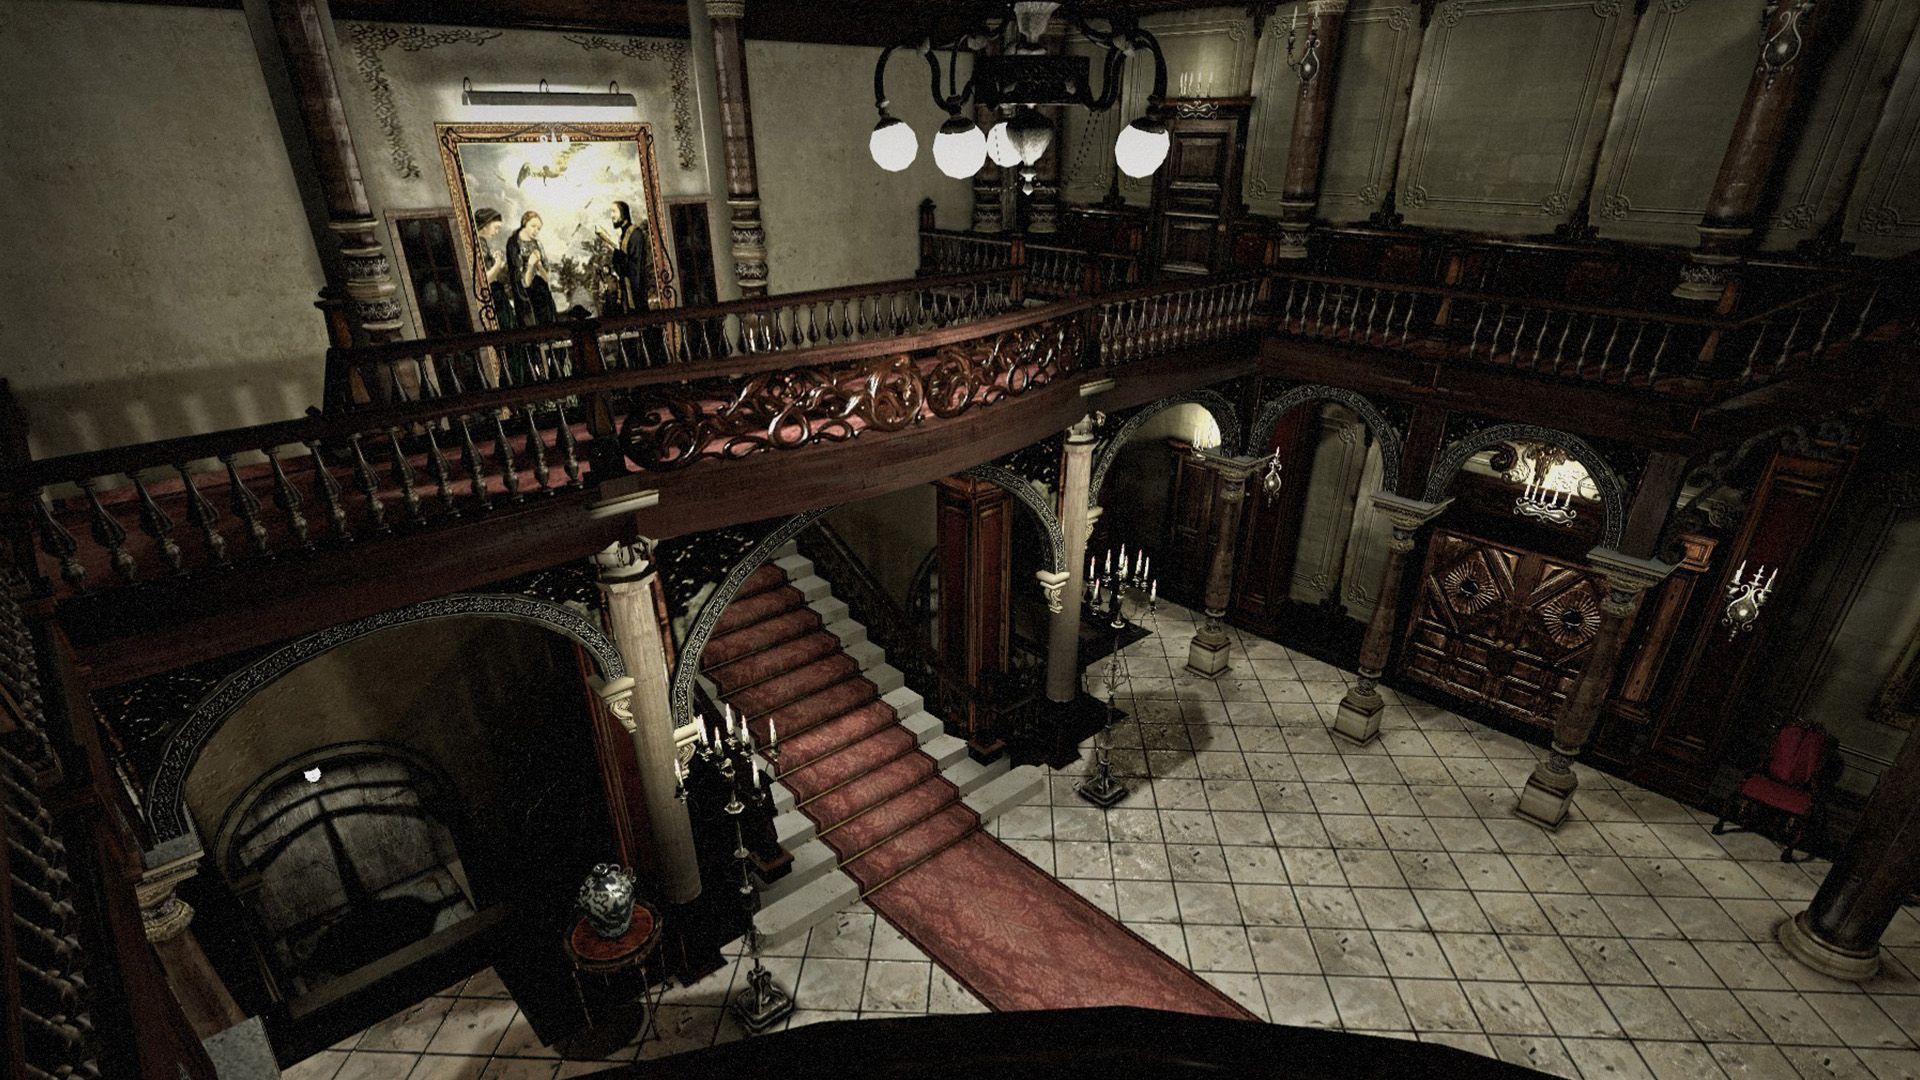 Resident Evil Umbrella Chrnicles Subway Map 3d Model.Resident Evil Remake Mansion Foyer Google Search Resident Evil